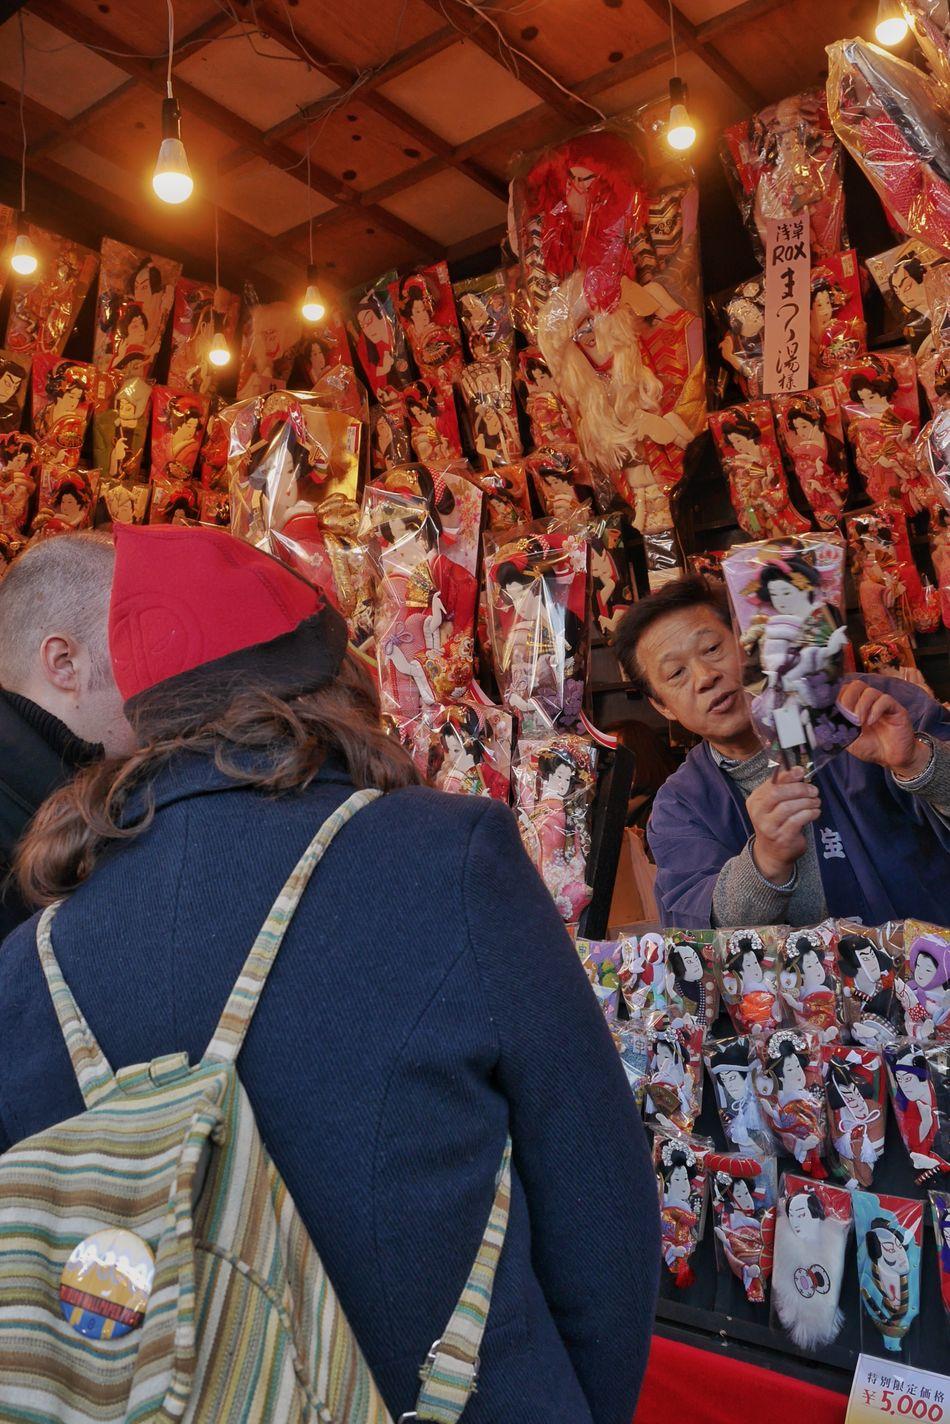 Battledore fair/羽子板市 Battledore Fair Traditional Enjoying Life Hanging Out Japan Style My Winter Favorites I Heart Tokyo LUMIX DMC-GX7 こちらのお客様は、外国からお越しのおふたりで、とても熱心に店を回っていました。すでにこの段階でひとつお買い上げ。日本の文化を愛していただき、うれしいです。